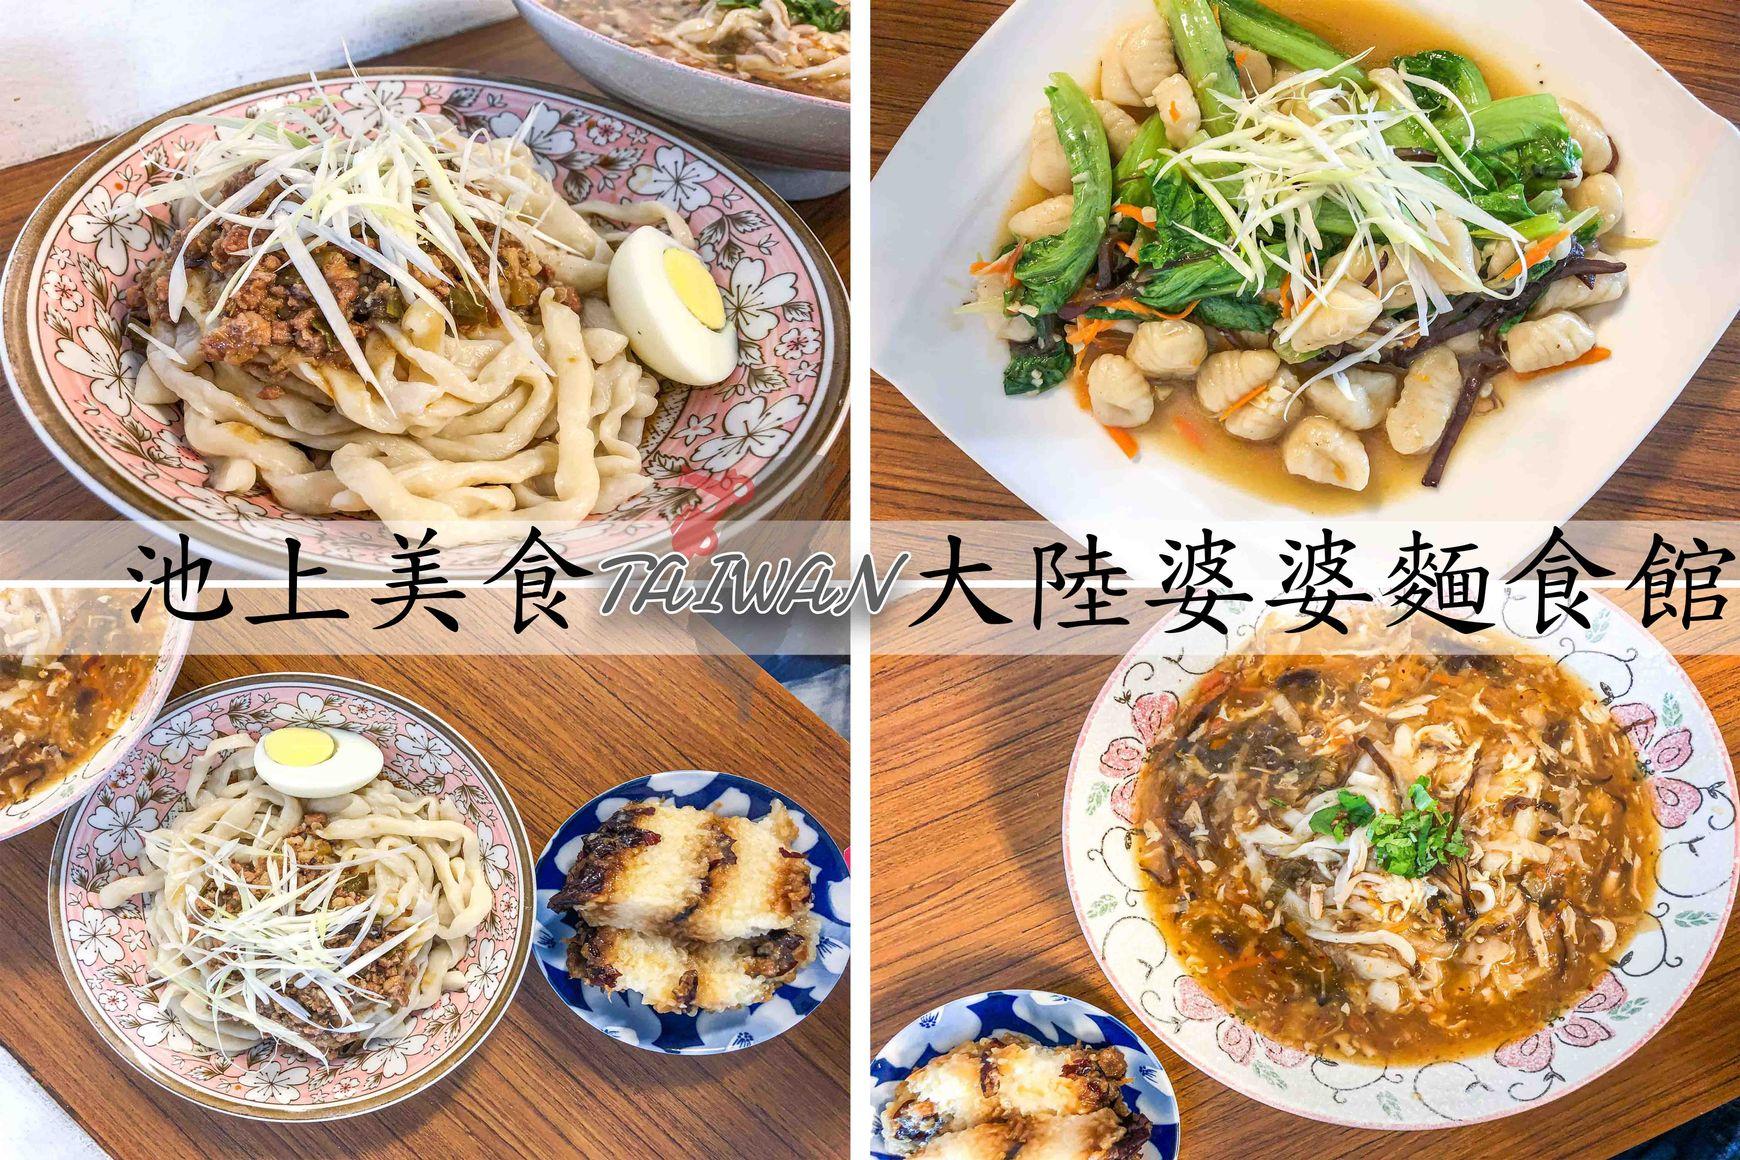 台東池上,山西家傳手工好味道「大陸婆婆麵食館」,吃的美味也超有人情味